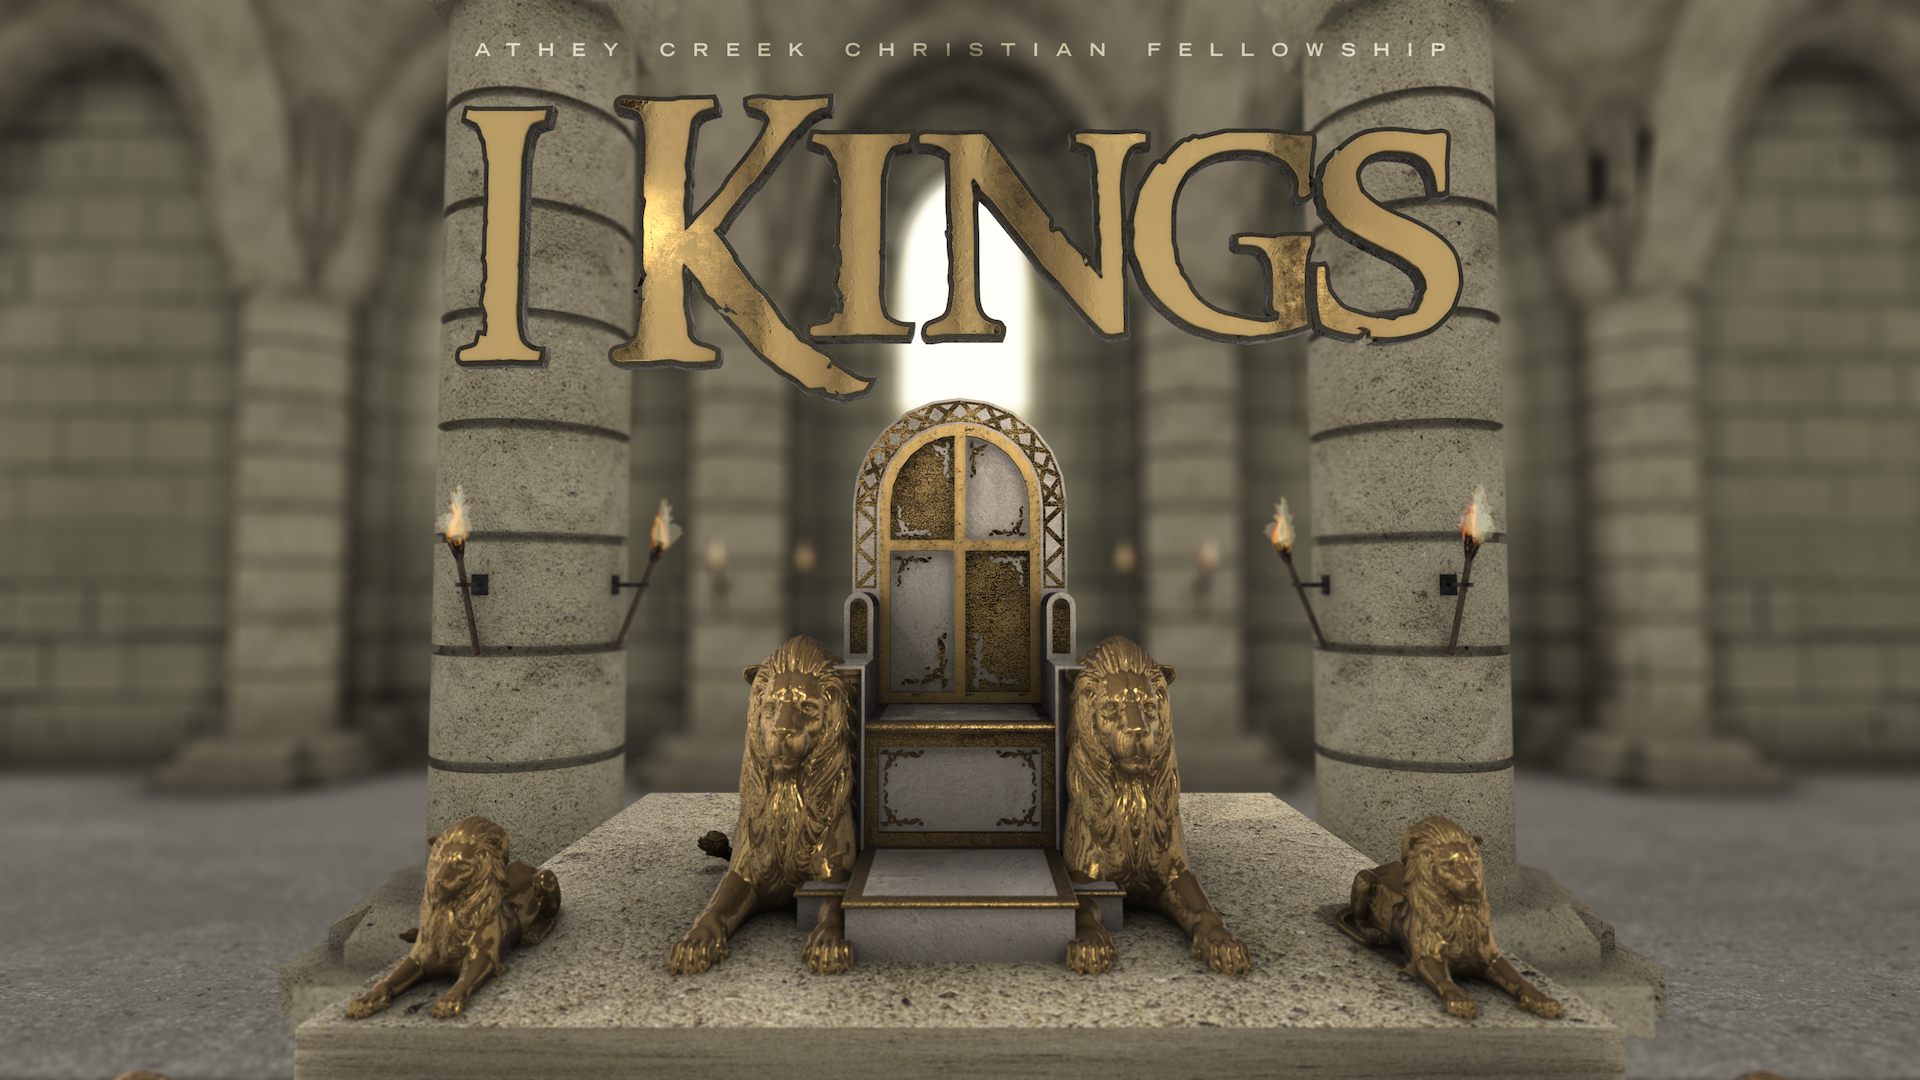 Teaching artwork for 1 Kings